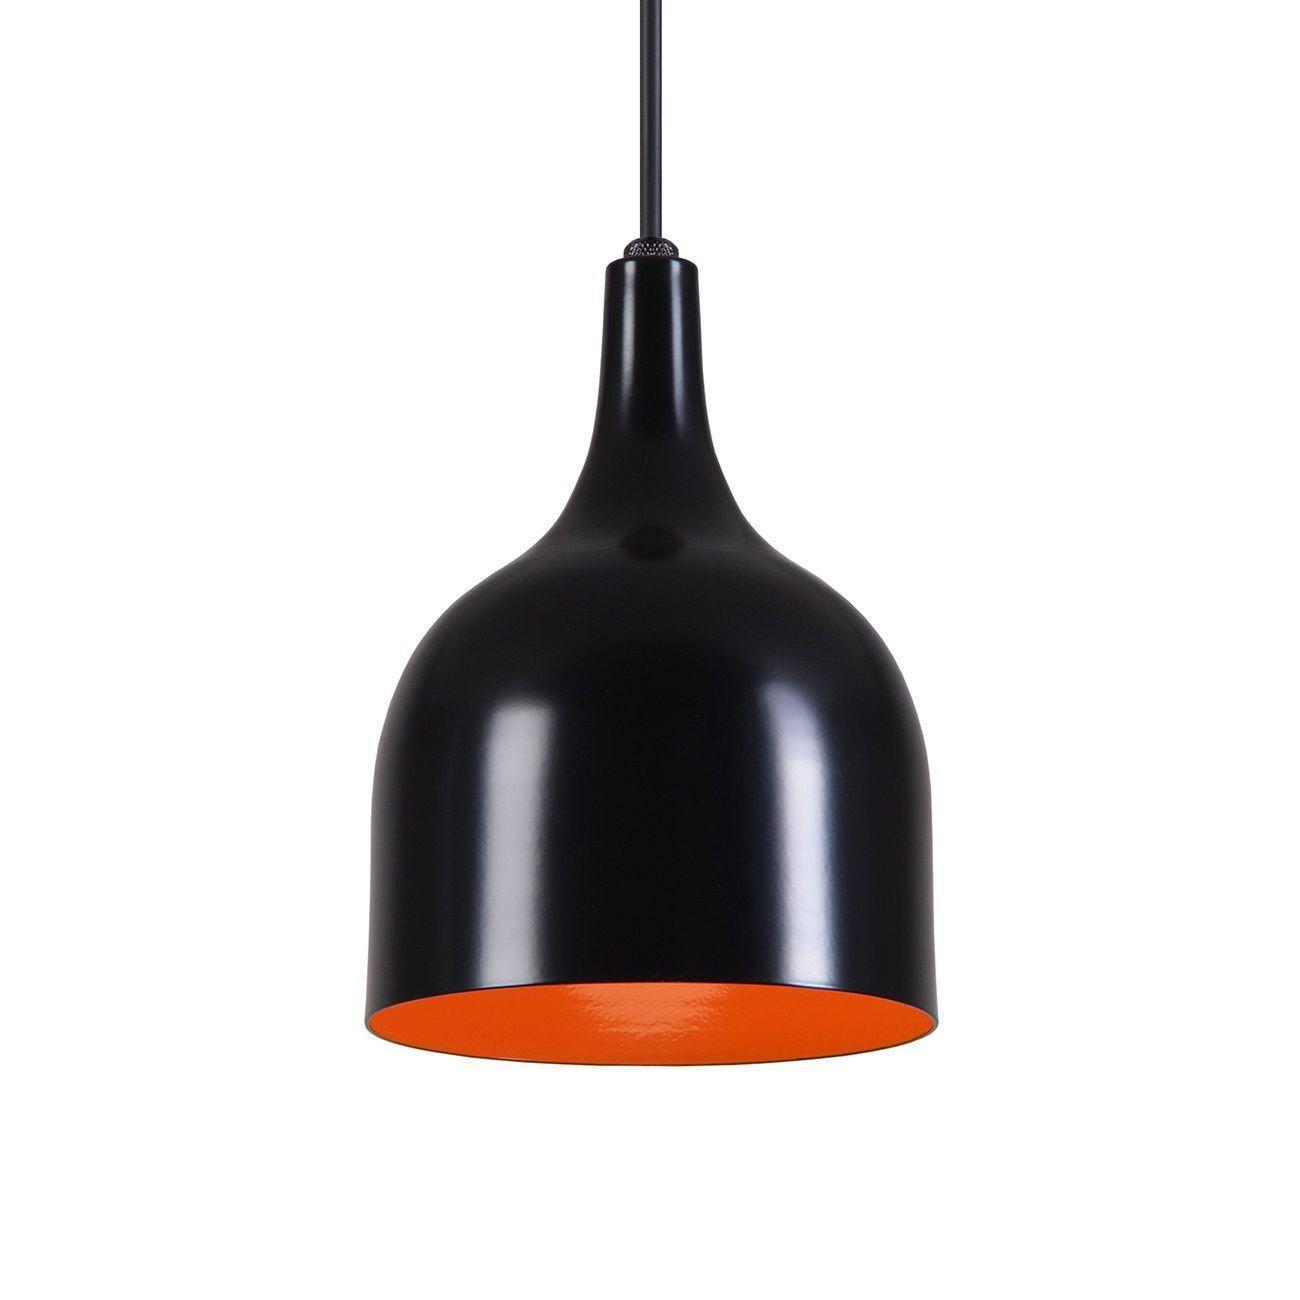 Pendente Gota Teat Luminária Lustre Alumínio Preto Fosco C/ Laranja - Rei Da Iluminação